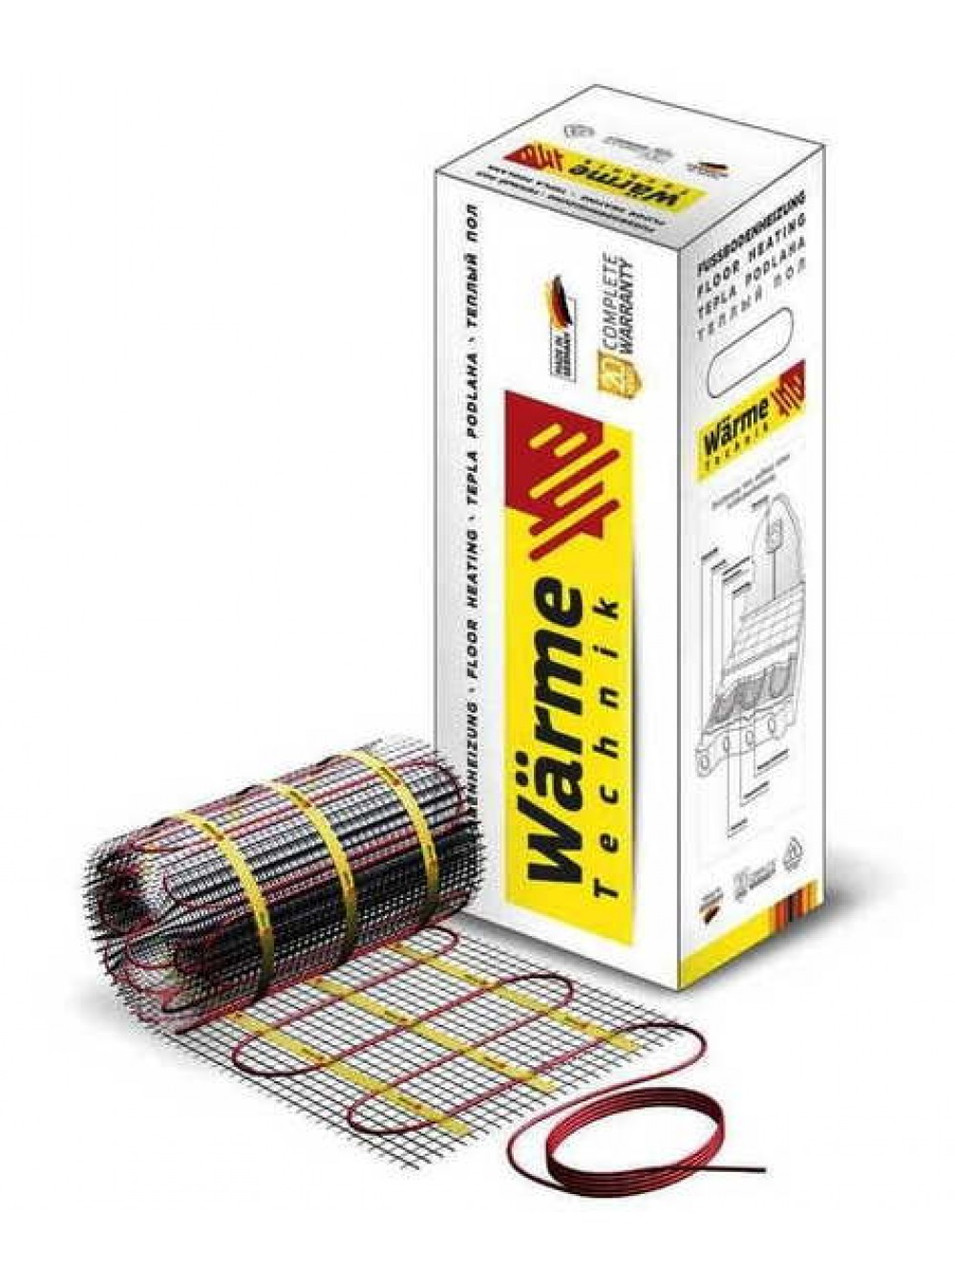 Нагревательный мат Wärme Twin mat   3.0 м²  450 W